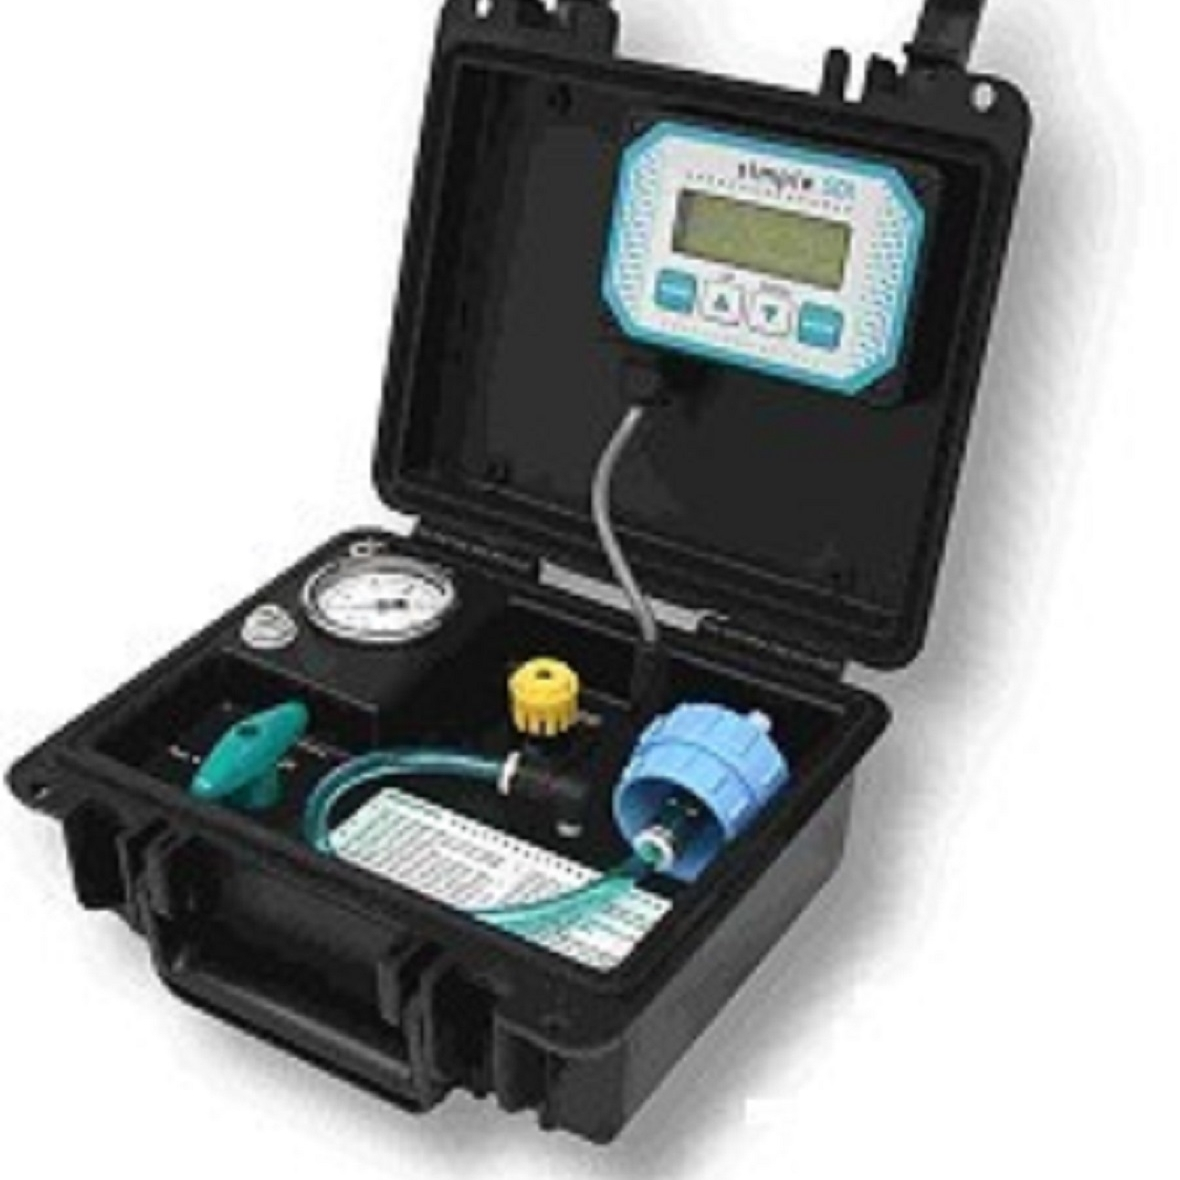 新型便携式污染指数(SDI)自动检测仪